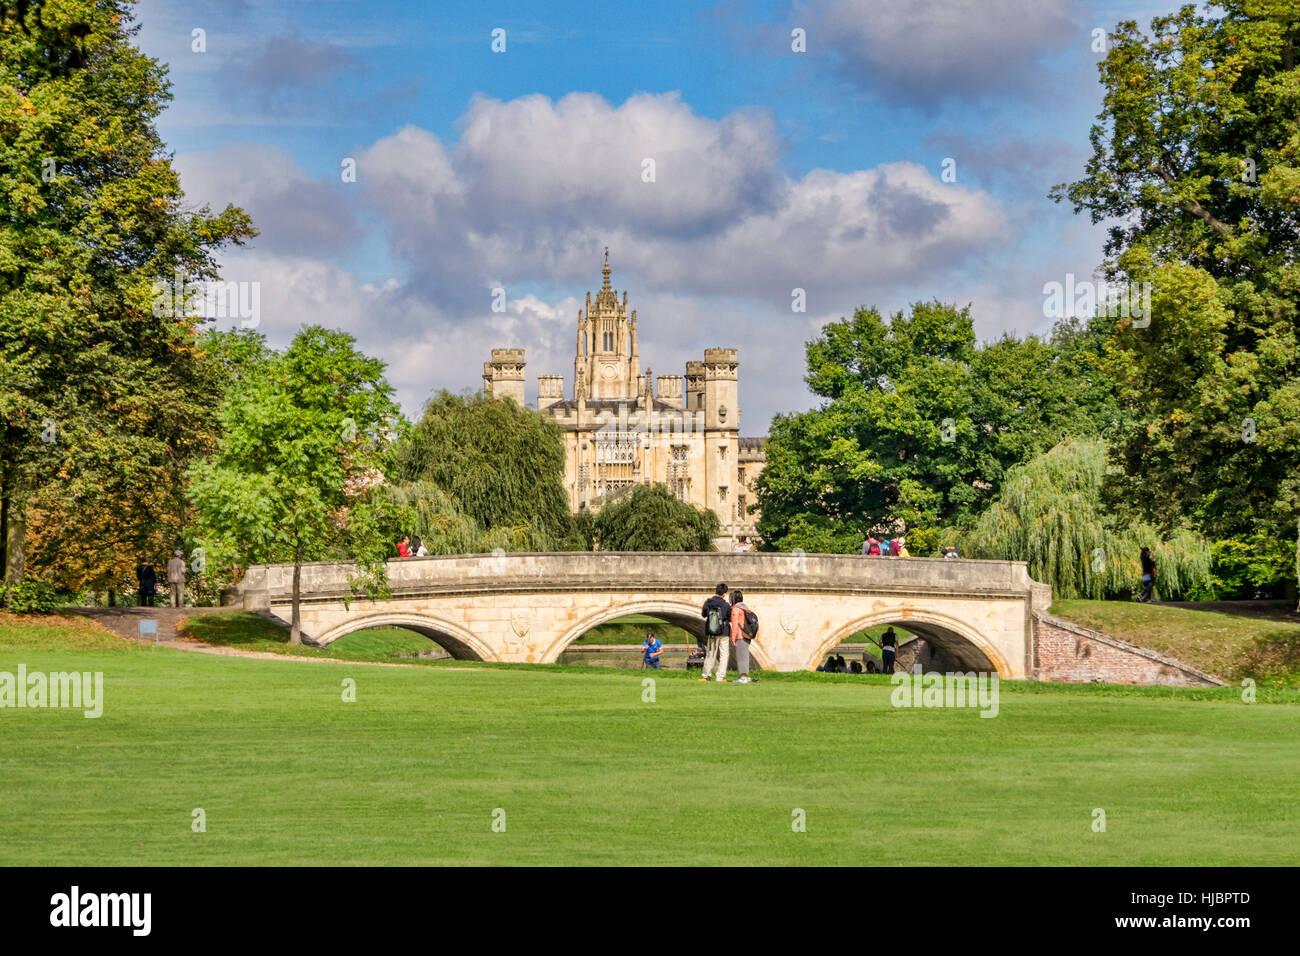 St John's College et Trinity College Bridge sur la rivière Cam, Cambridge, England, UK Photo Stock